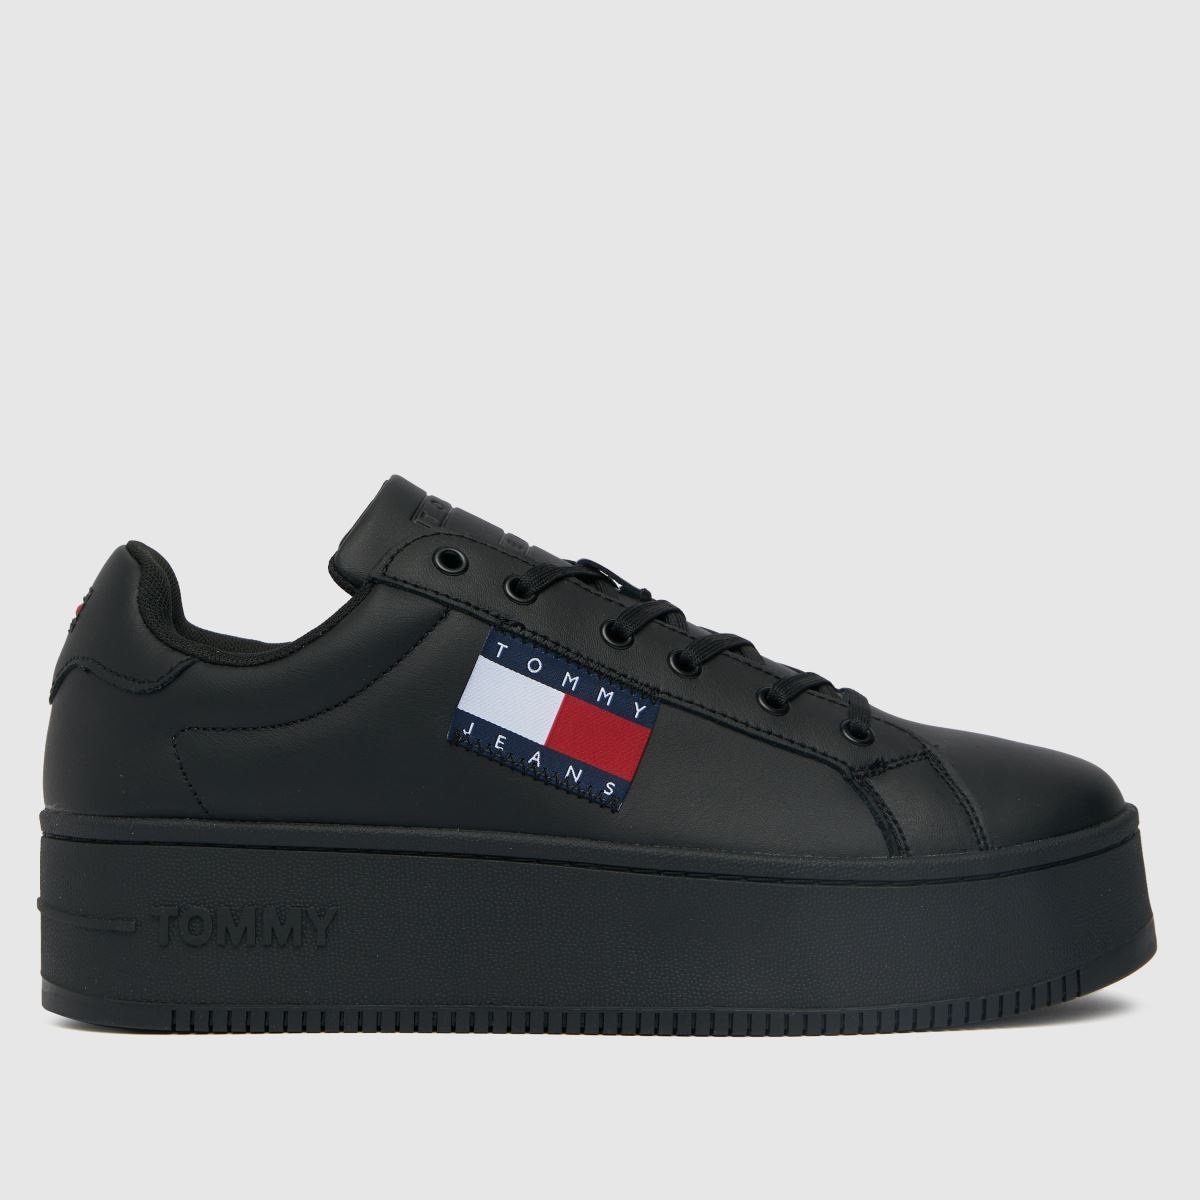 Tommy Hilfiger Black Flatform Flag Sneaker Trainers